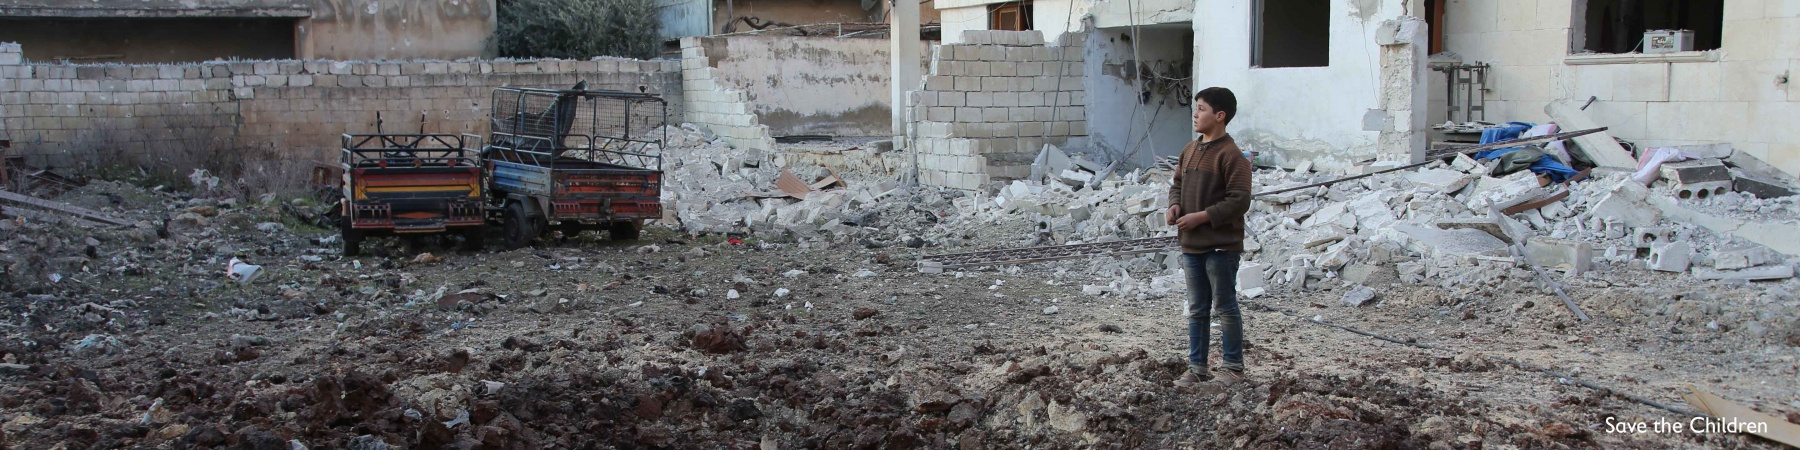 bambino in piedi in mezzo alle macerie provocate da un bombardamento in Siria ad Idlib